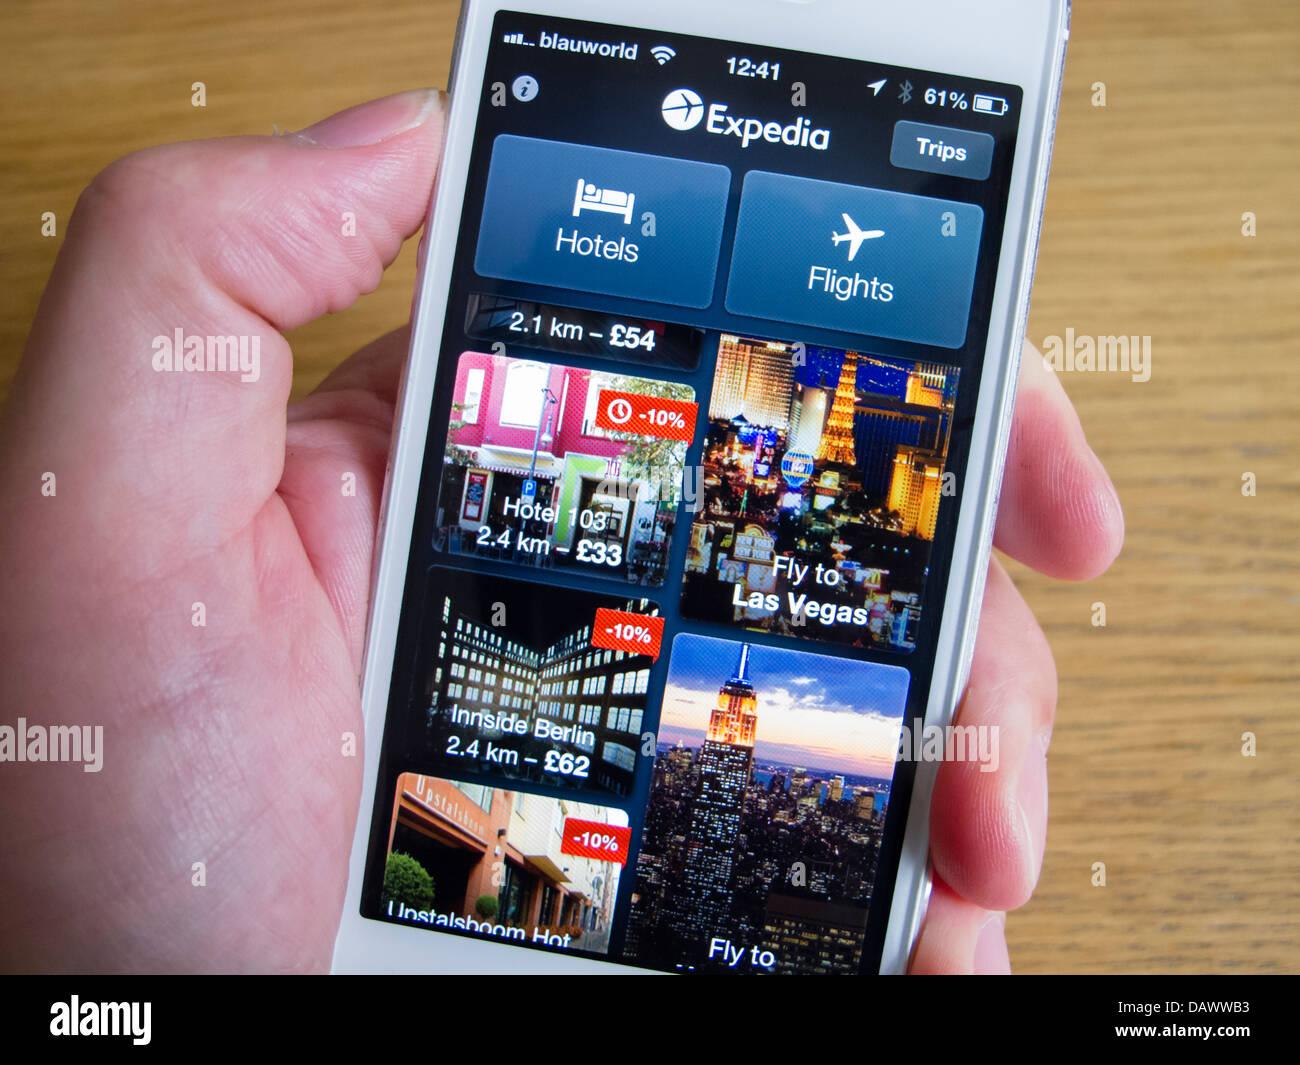 En utilisant app Expedia pour réserver des voyages sur smartphone iPhone 5 blanc Photo Stock